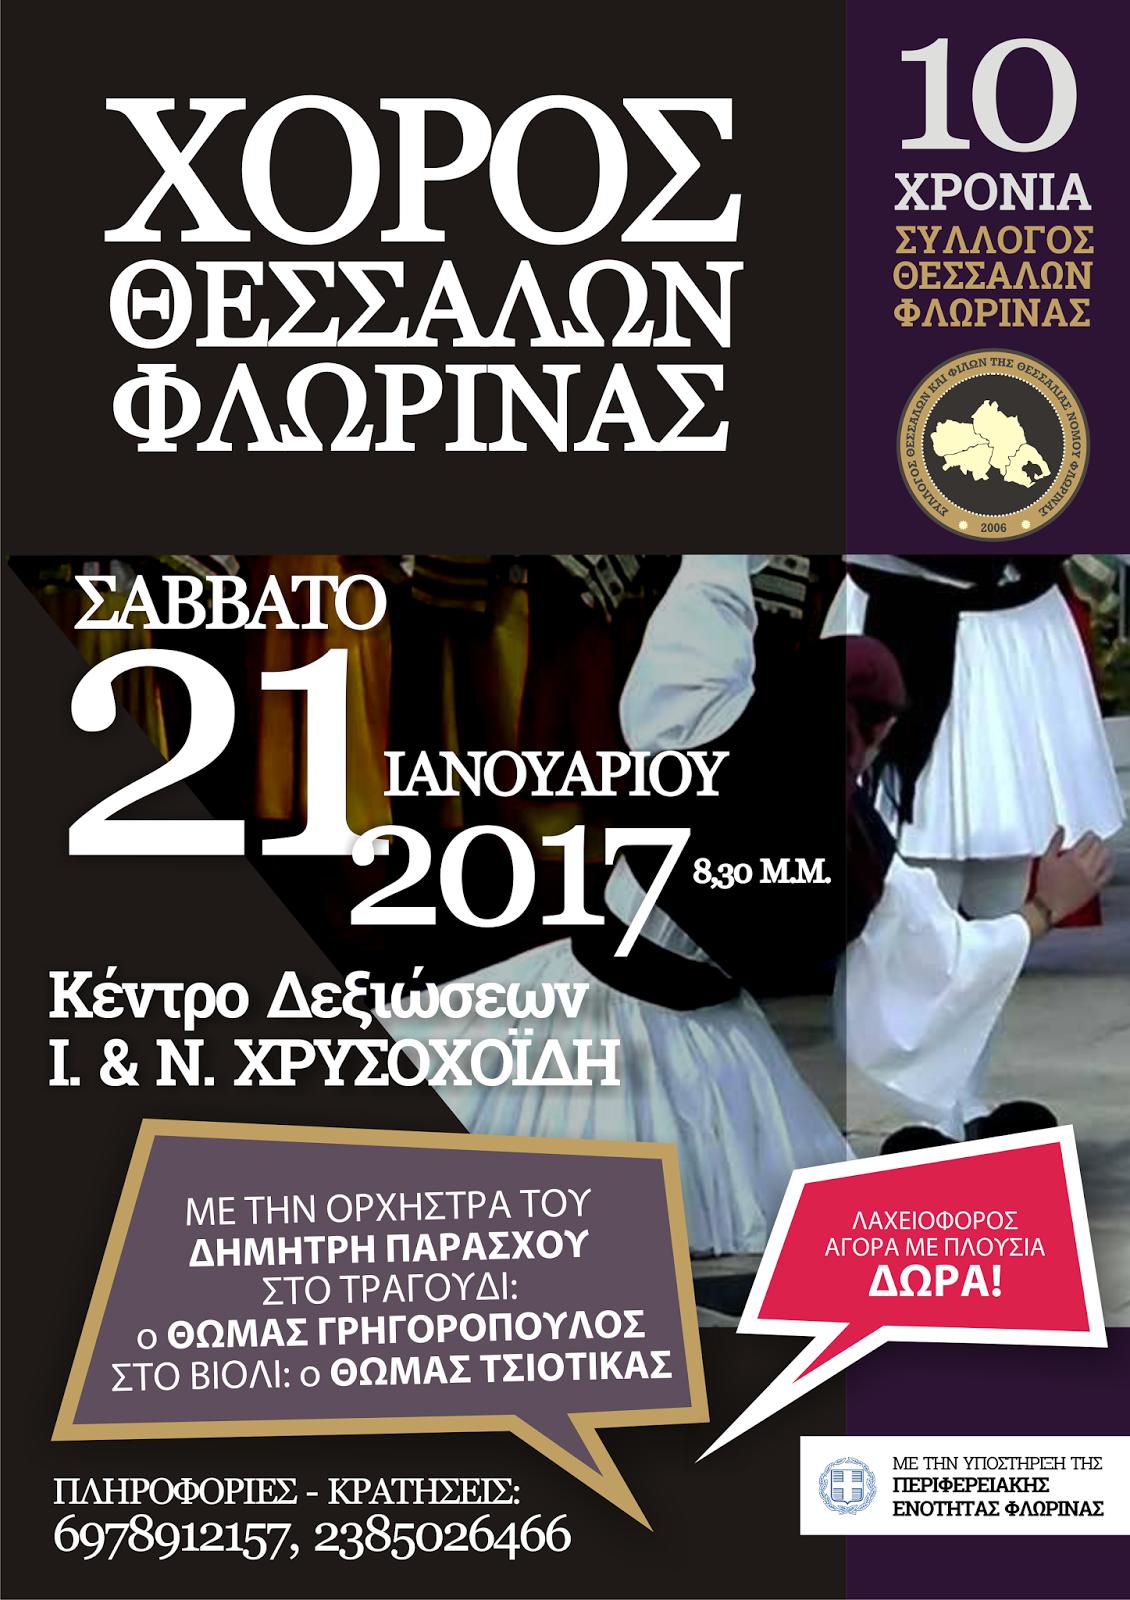 Ο Σύλλογος Θεσσαλών και Φίλων της Θεσσαλίας Νομού Φλώρινας γιορτάζει τα 10 χρόνια